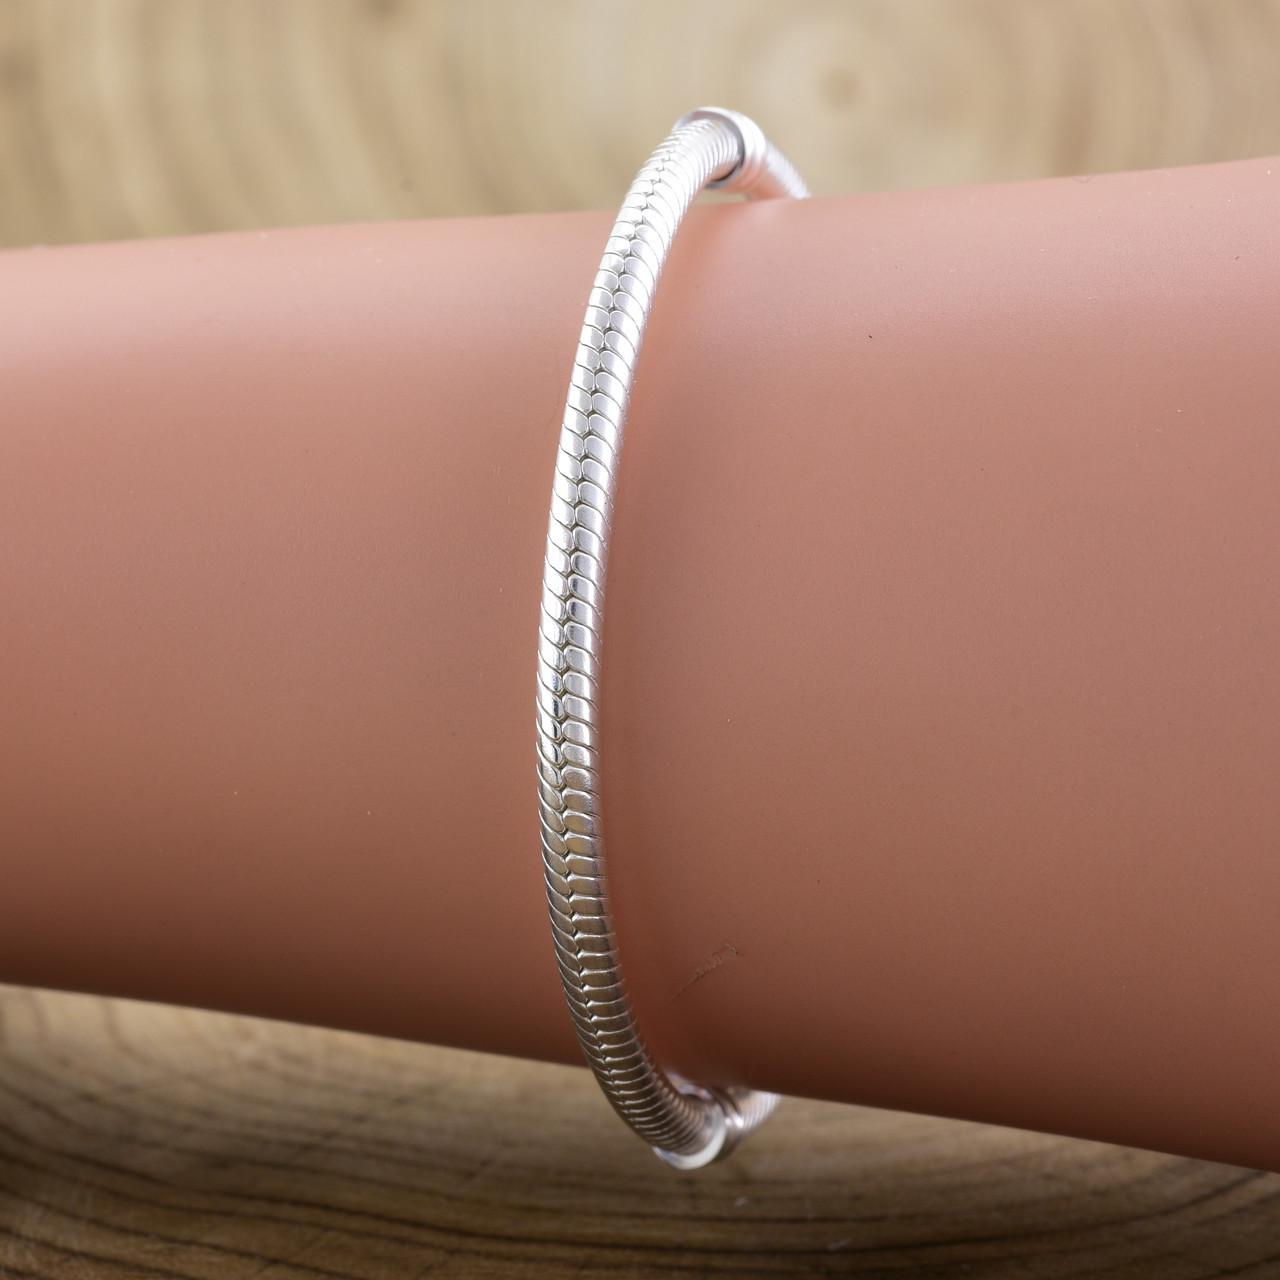 Серебряный браслет Pandora длина 17 см ширина 3 мм вес серебра 13.4 г